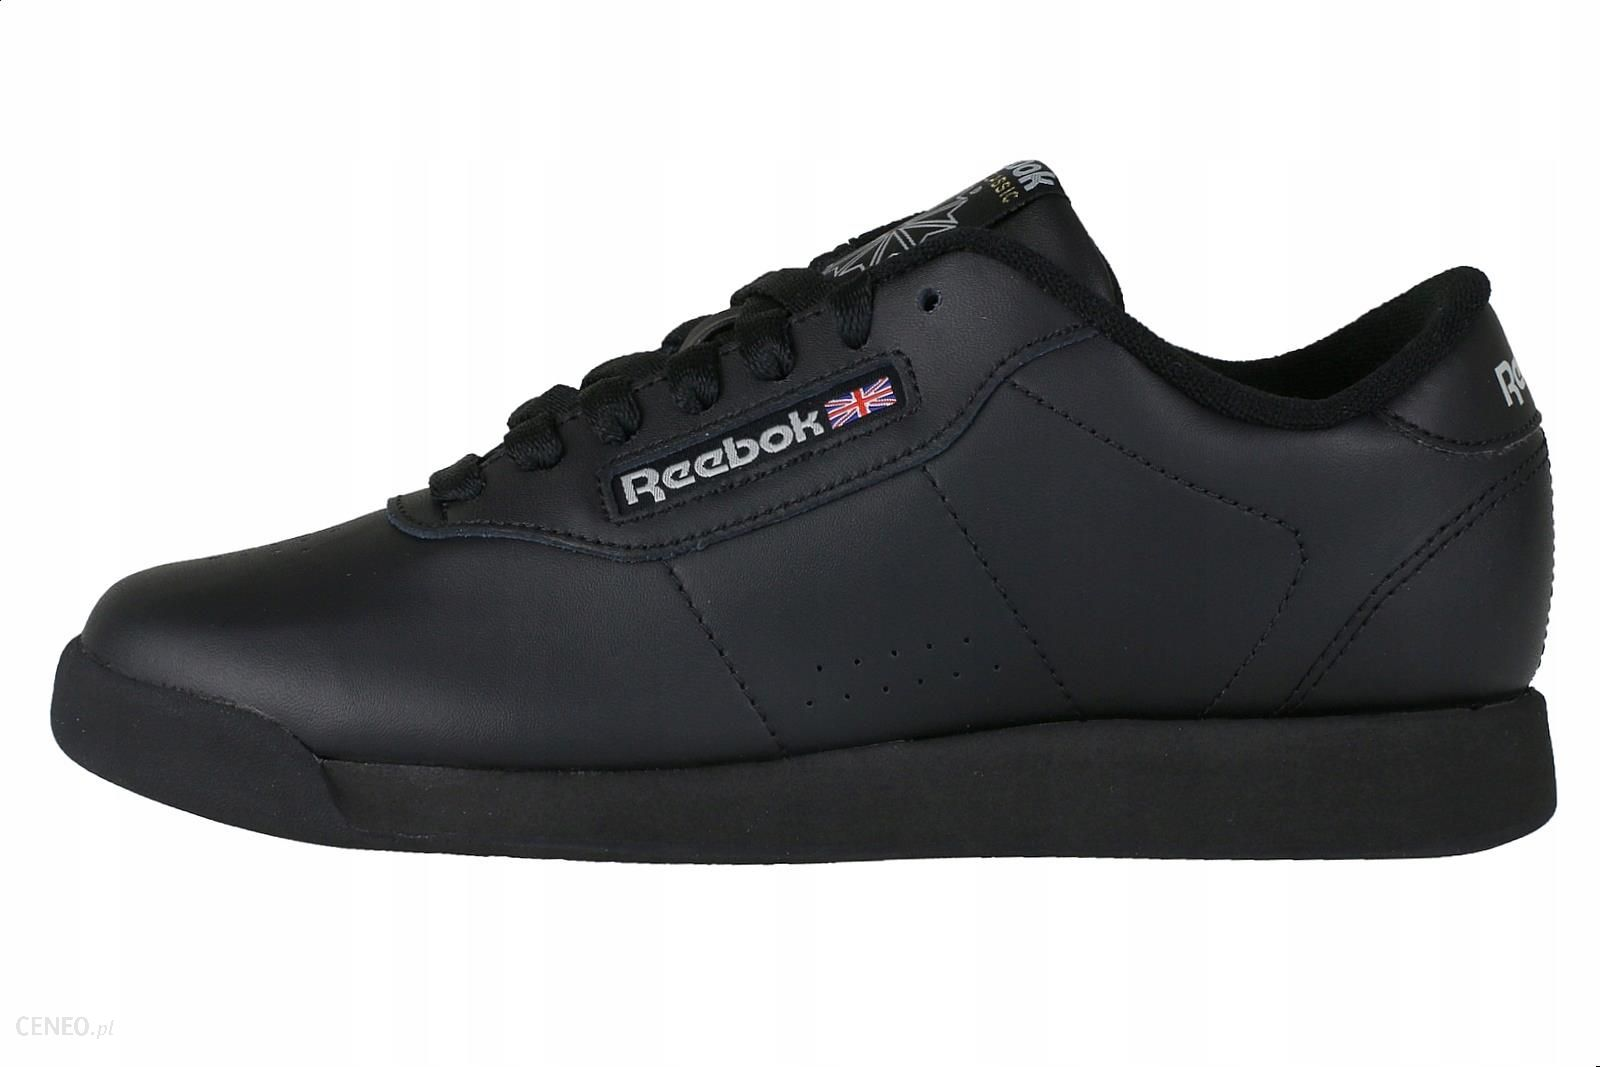 Buty sportowe damskie Reebok Princess czarne CN2211